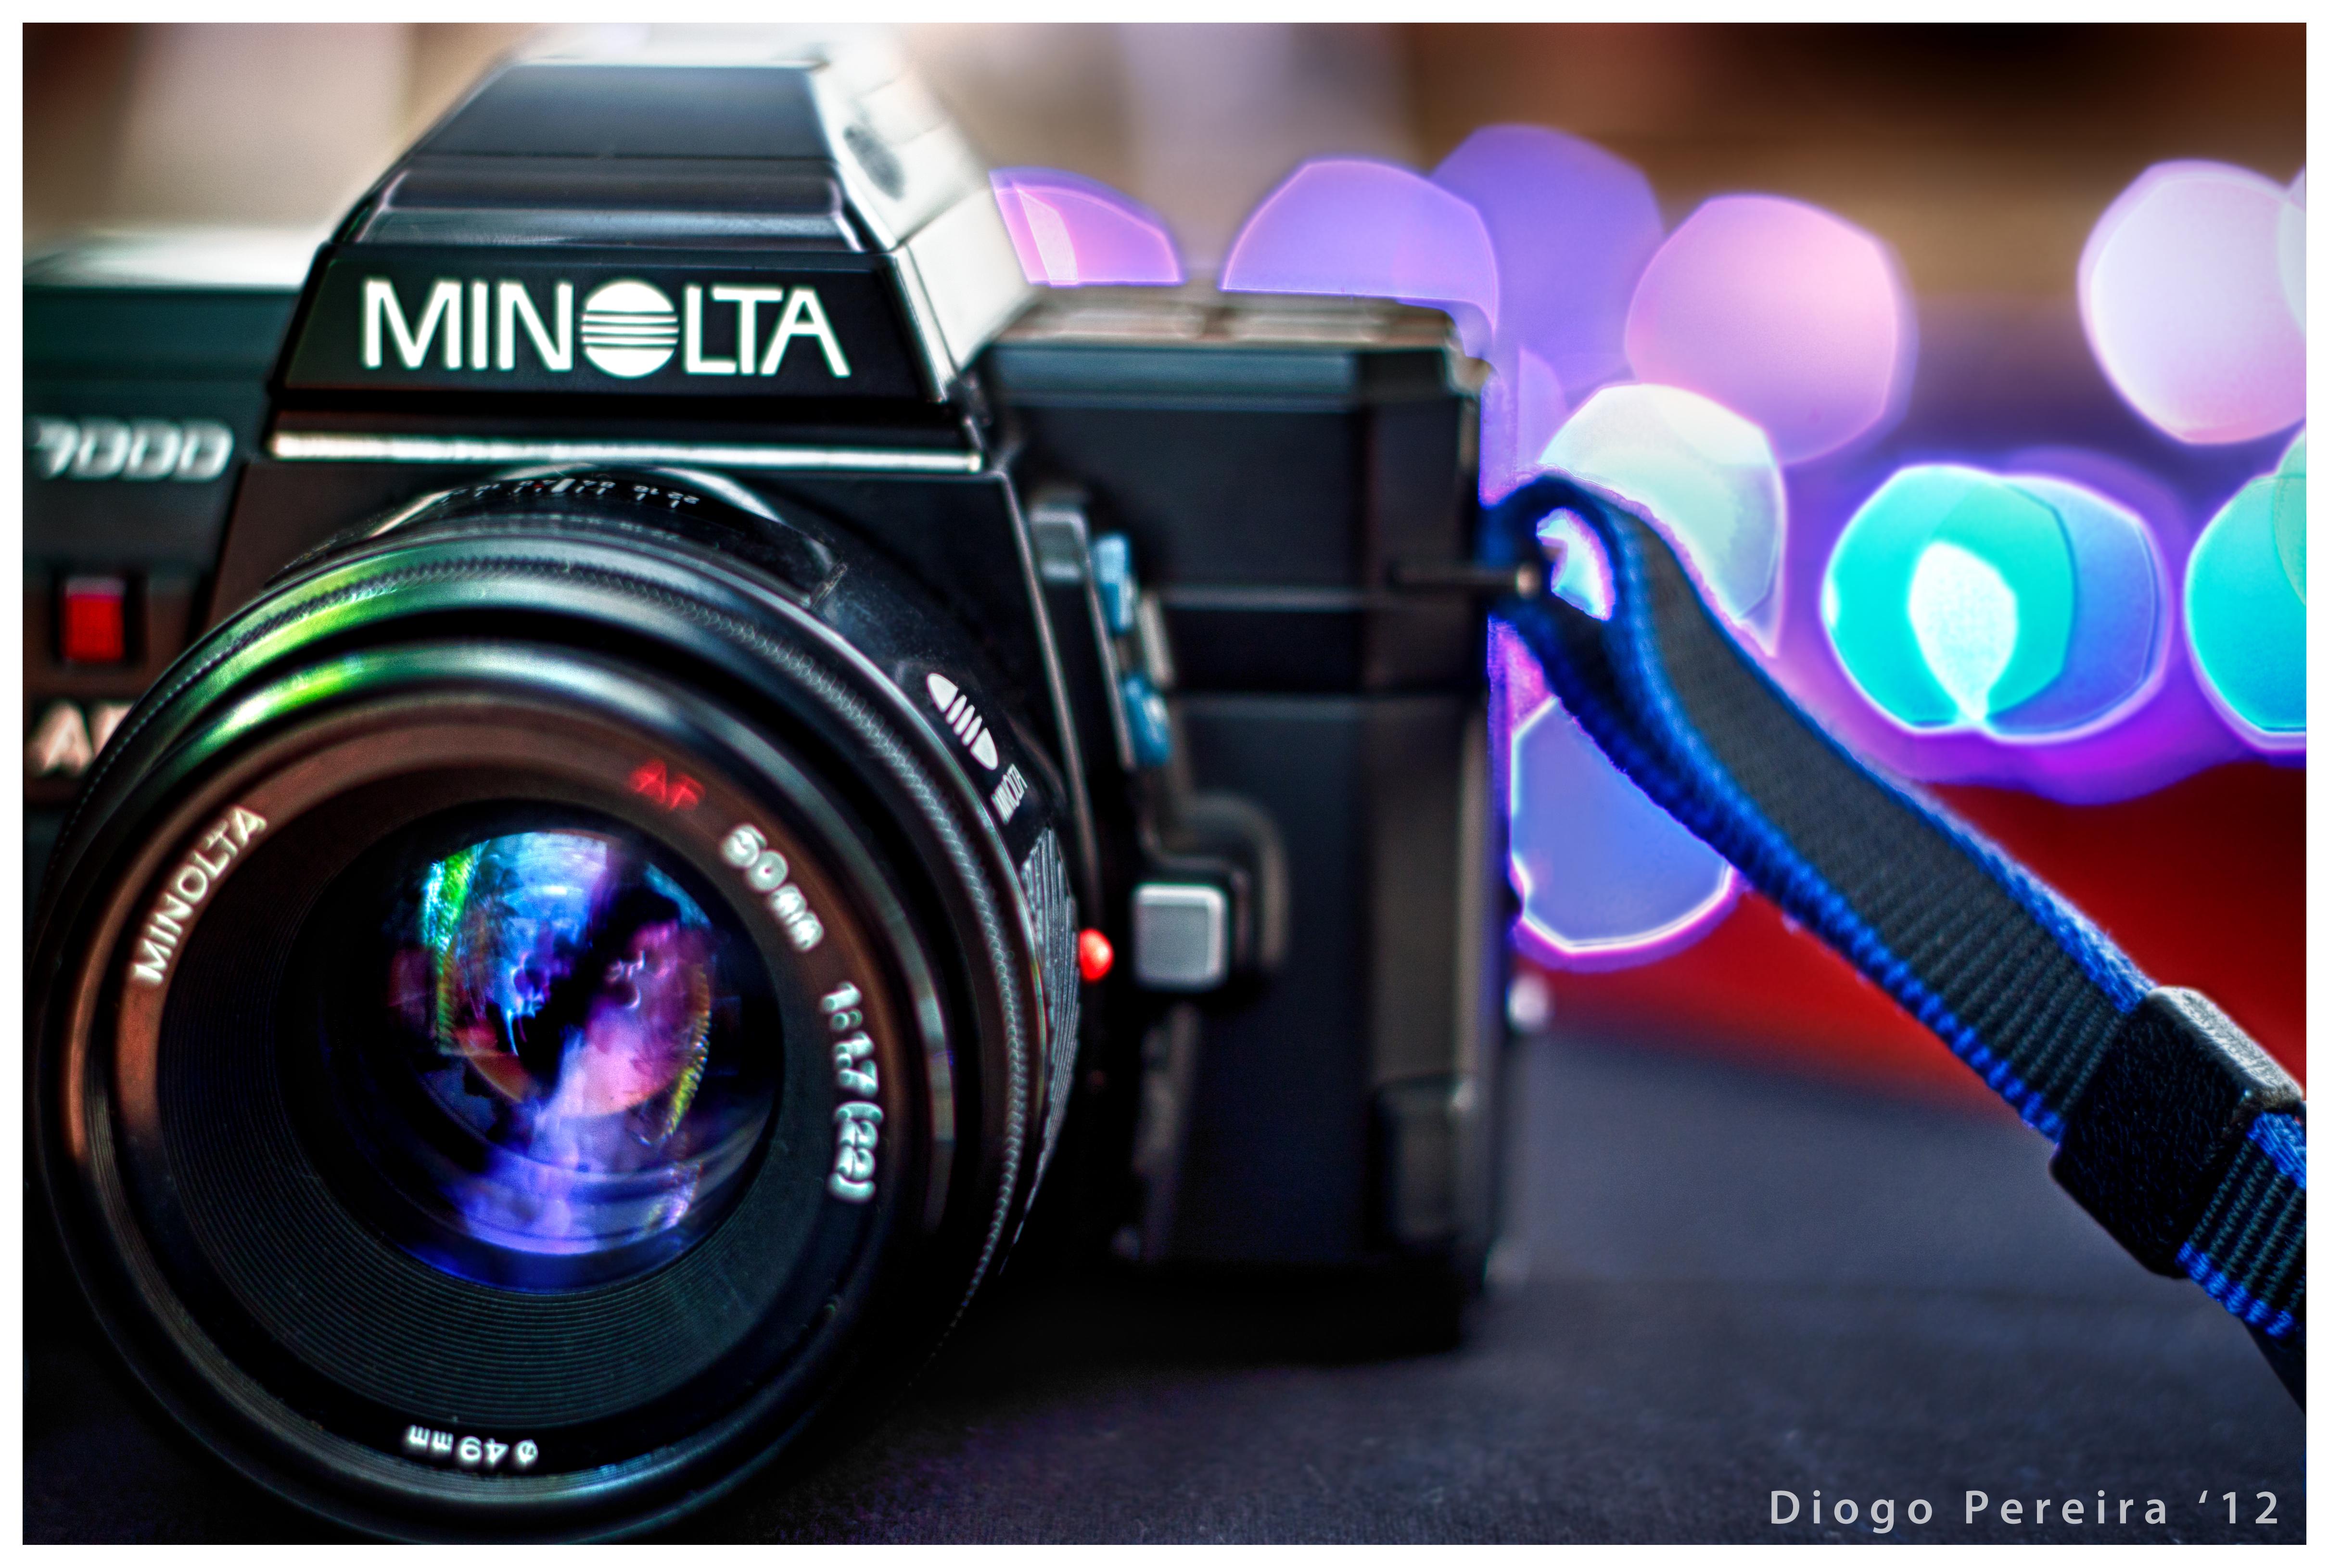 Minolta 7000 Pictures Minolta 7000 Diogo Pereira '12